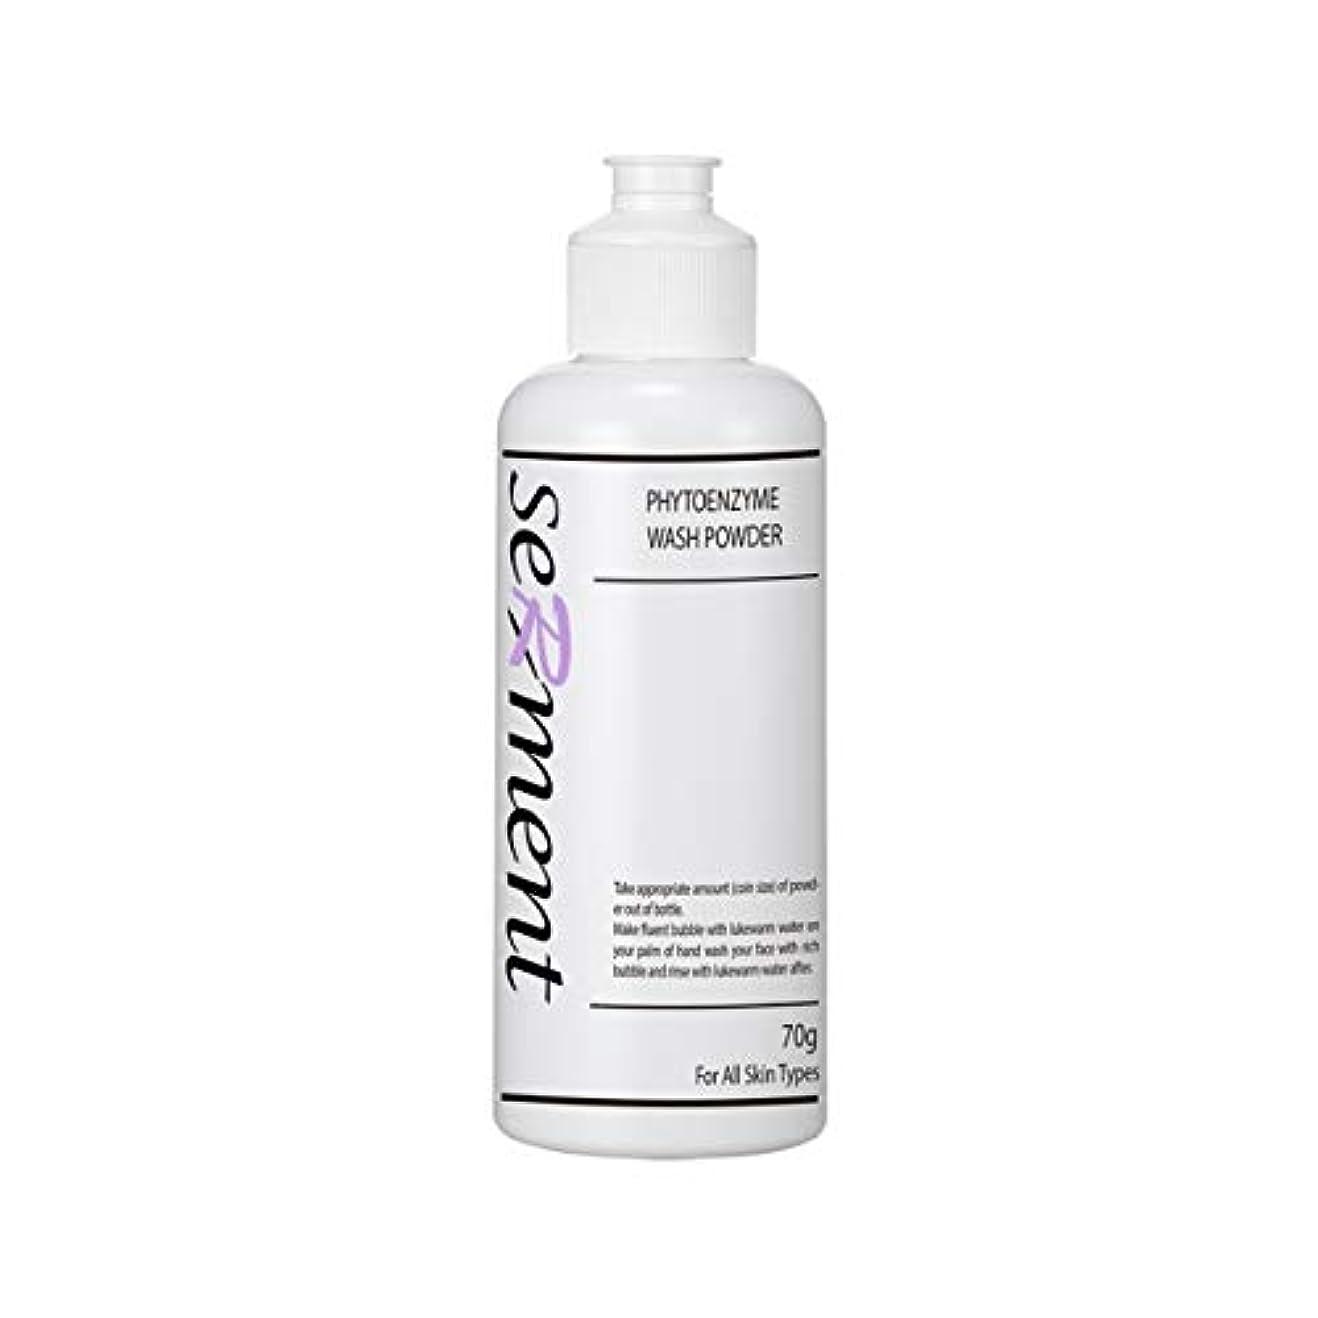 マッシュ数字ホールドオール[Serment] Korean Cosmetics Serment Enzyme Acne Face Wash Powder 70g Cleanser, Exfoliation Hypoallergenic cleanser...